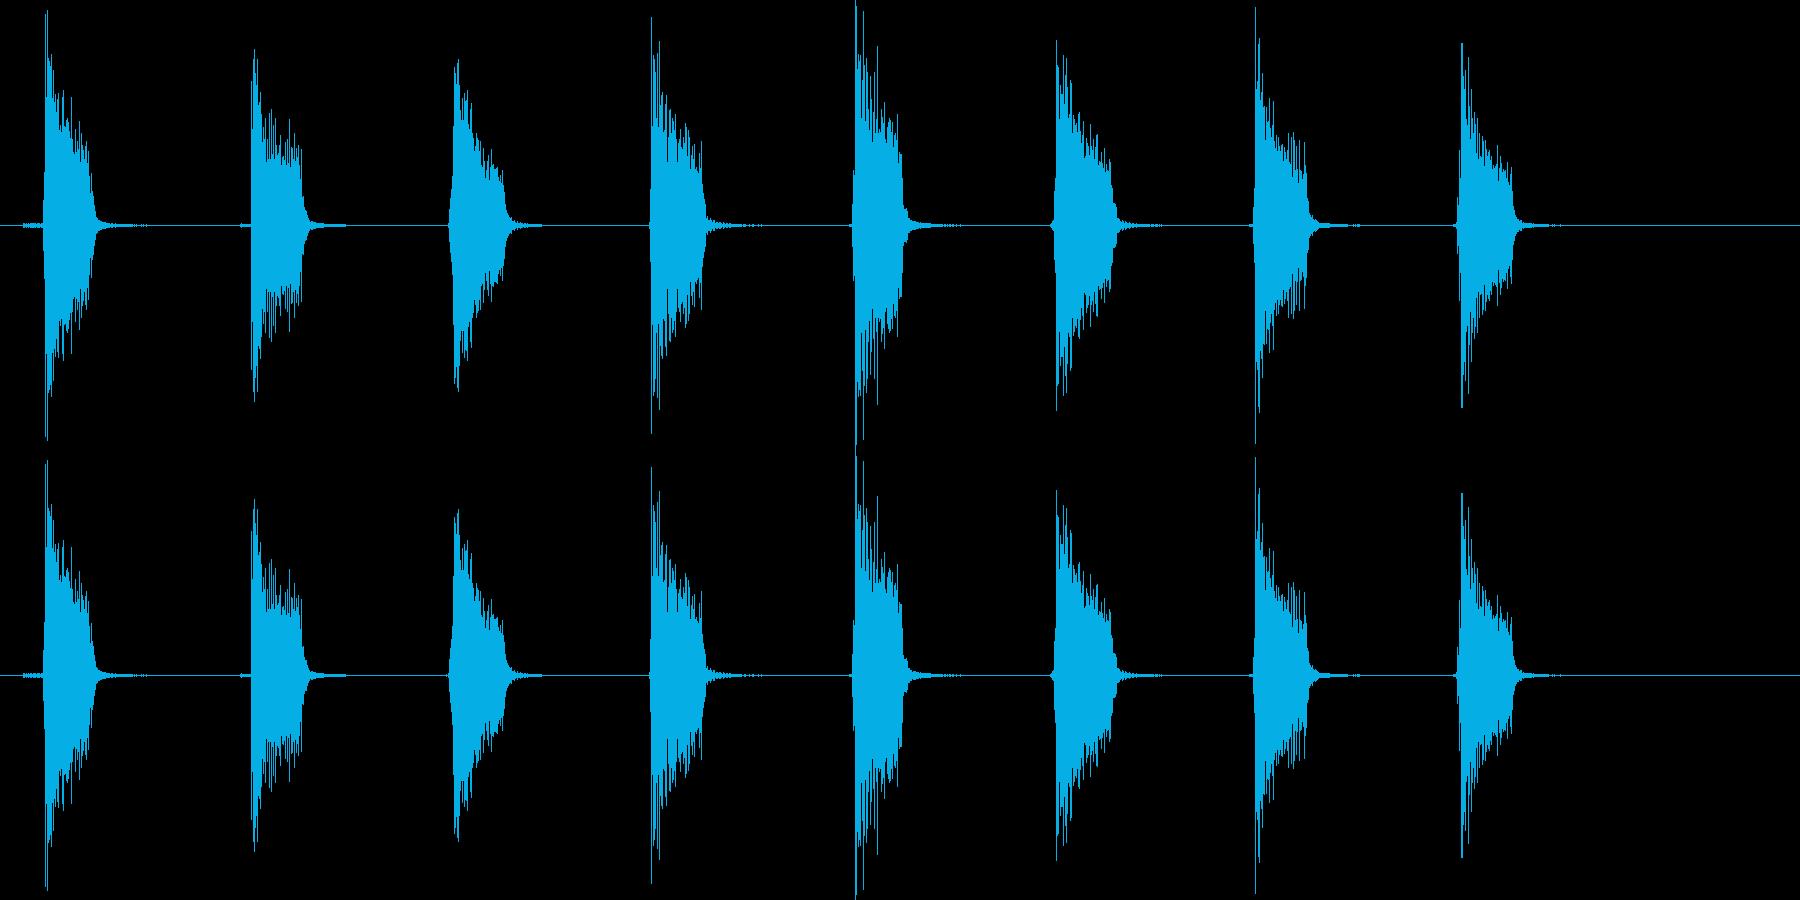 ギターフレーズ017の再生済みの波形